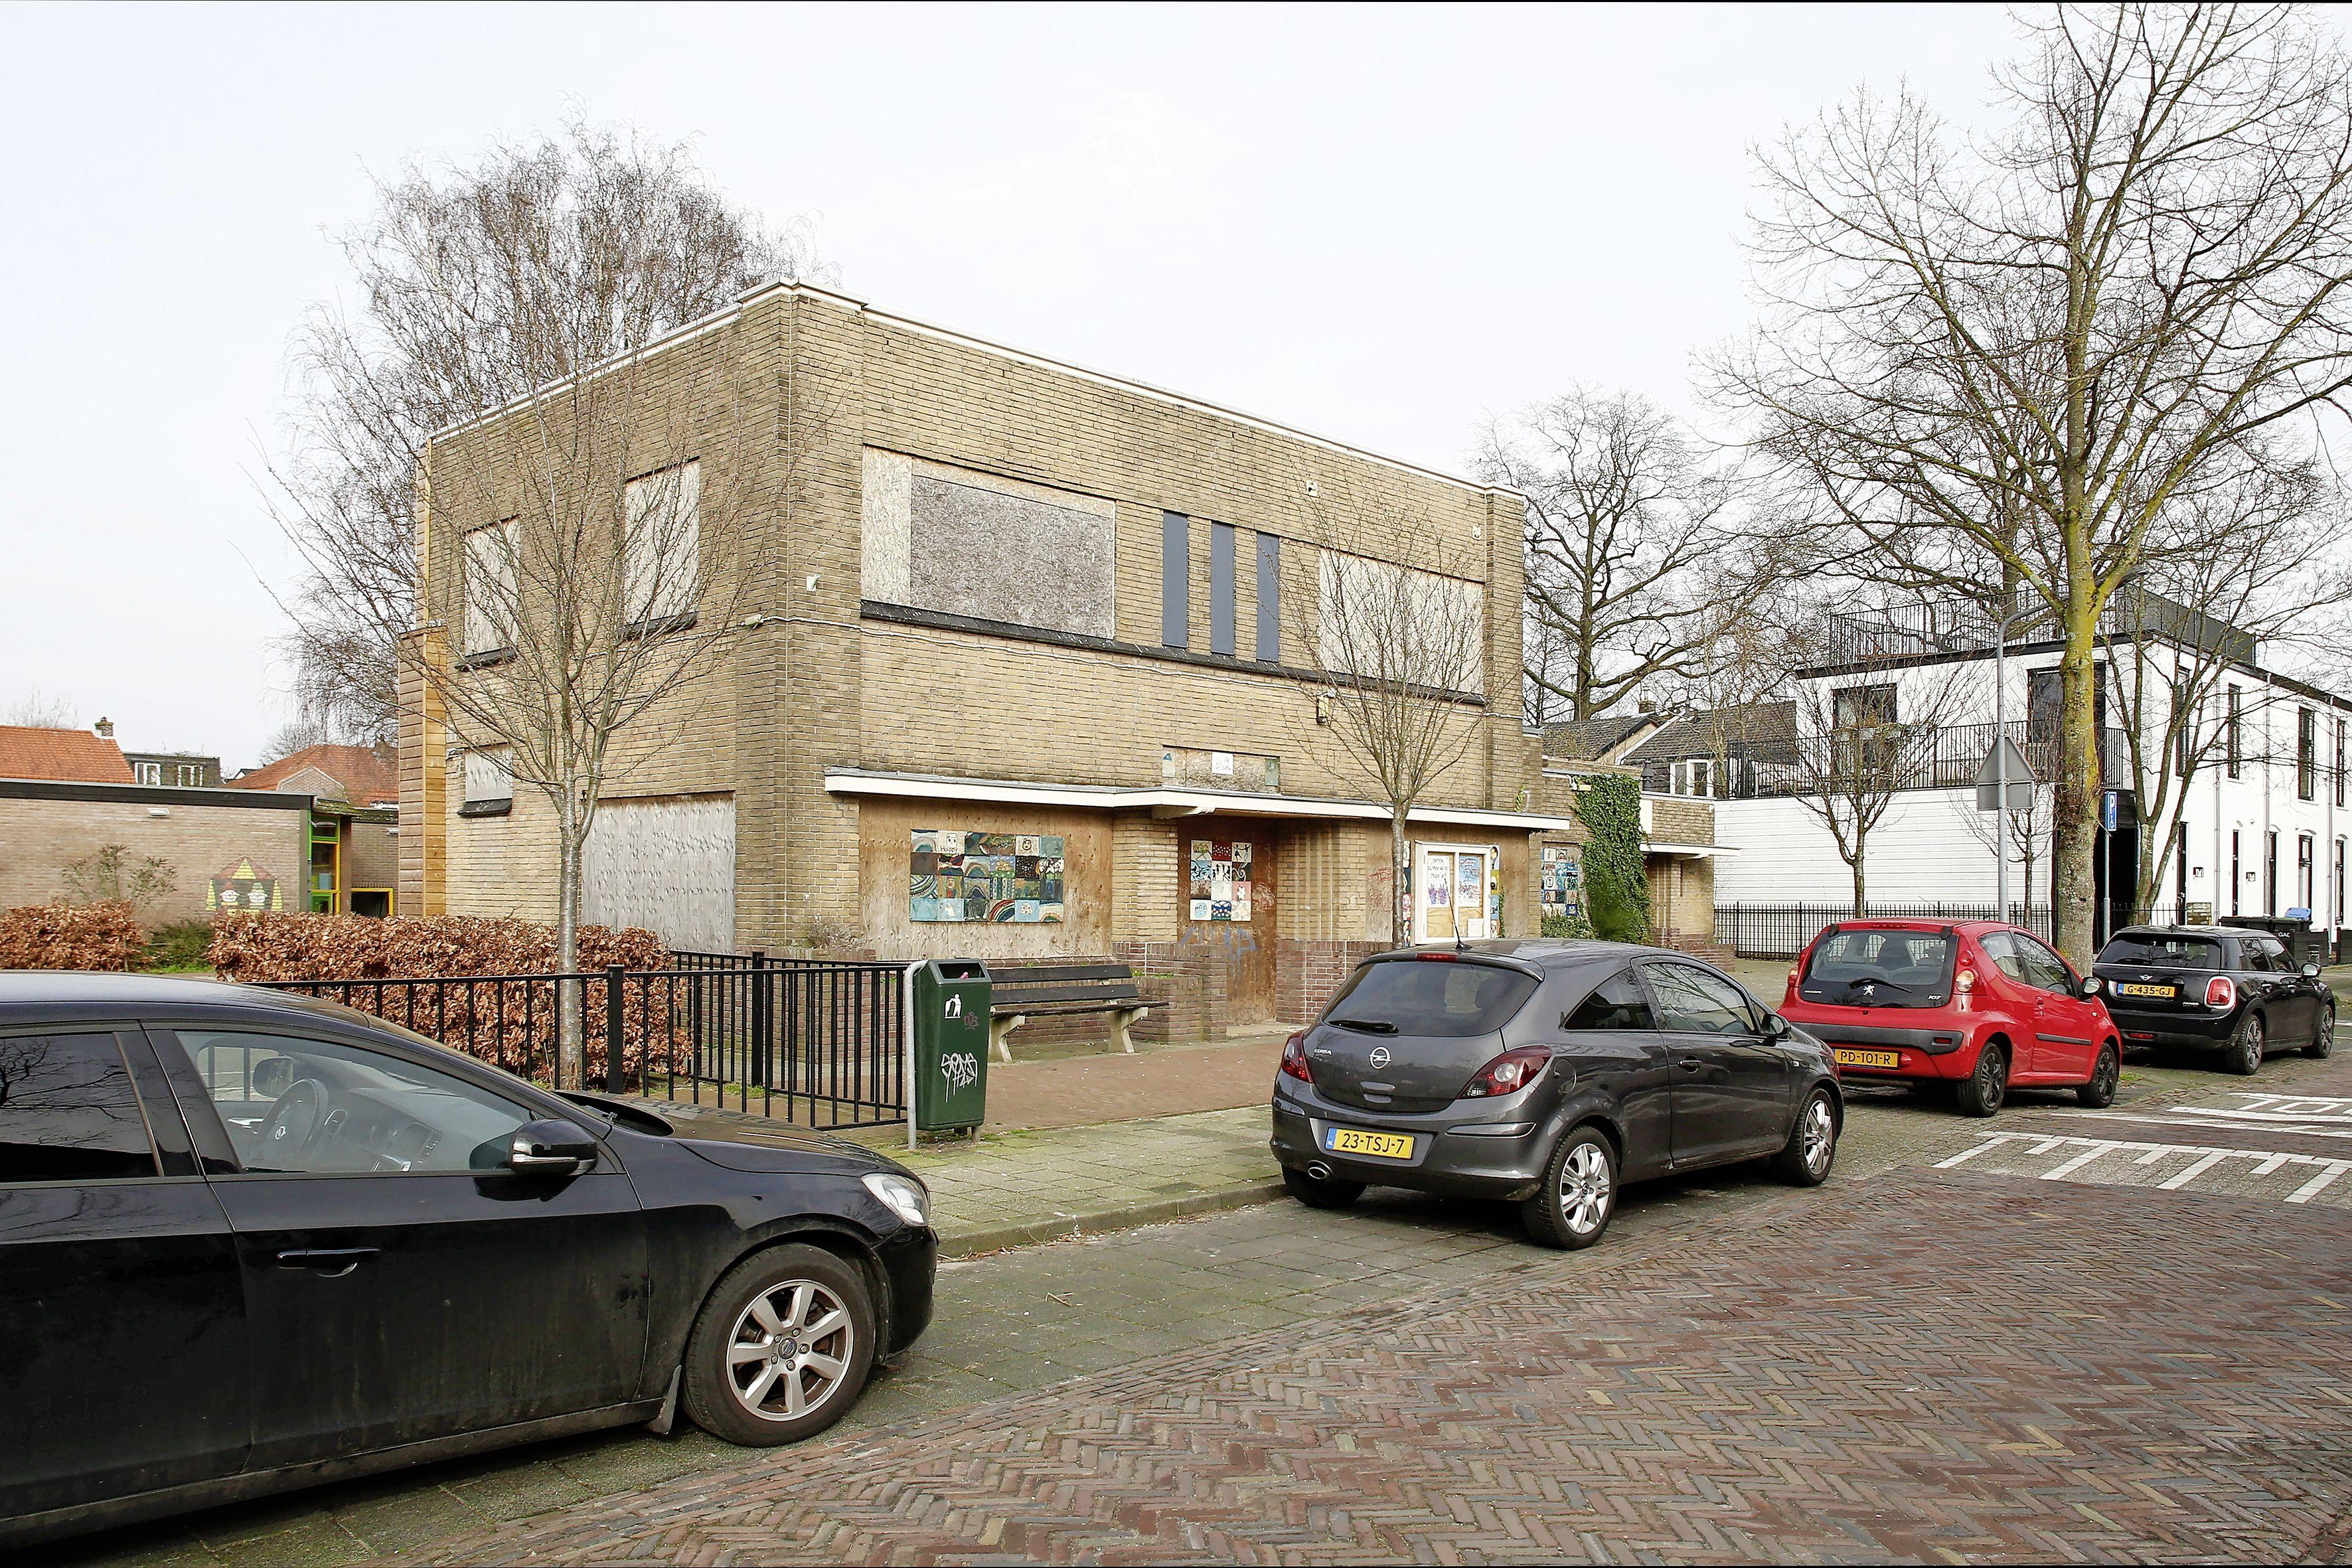 Bouw De Nieuwe Lelie in september 2022 van start. Onderzoek naar jongerencentrum in multifunctioneel gebouw op plek afgebrand Hilversums buurthuis